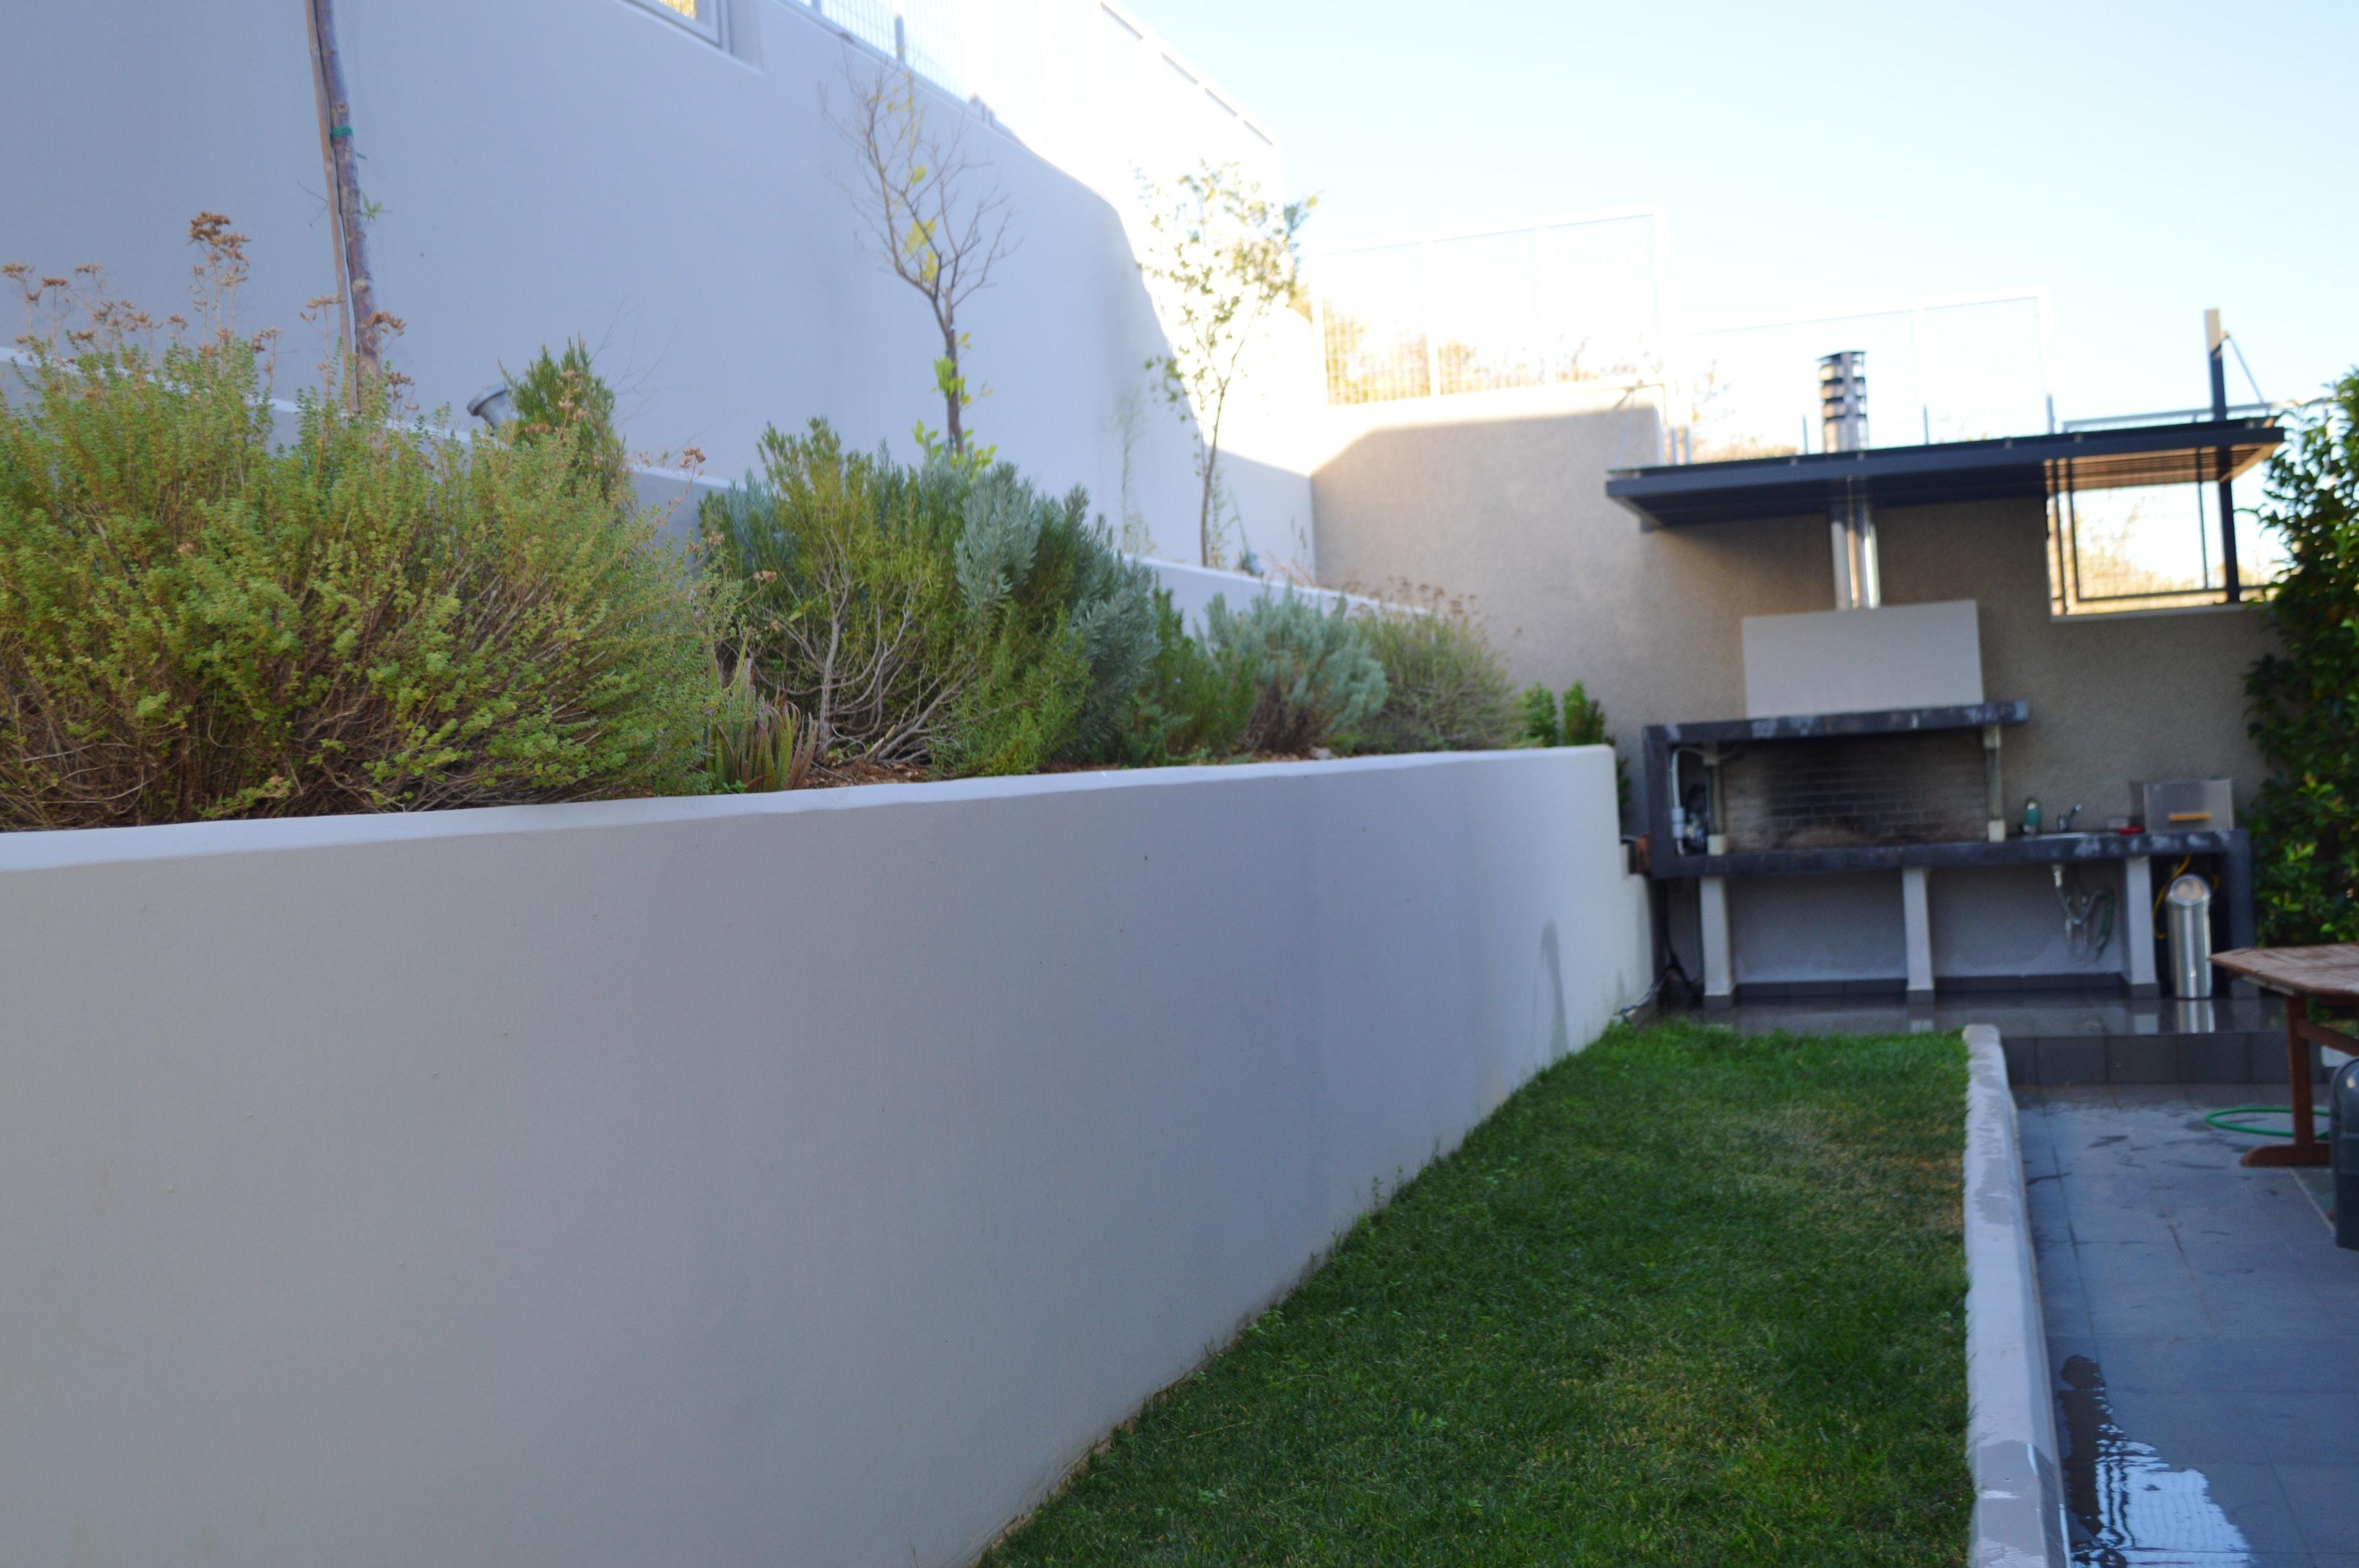 Maison de vacances Villa mit 4 Schlafzimmern in Anavissos mit herrlichem Meerblick, privatem Pool, eingezäunt (2339408), Thimari, , Attique, Grèce, image 17